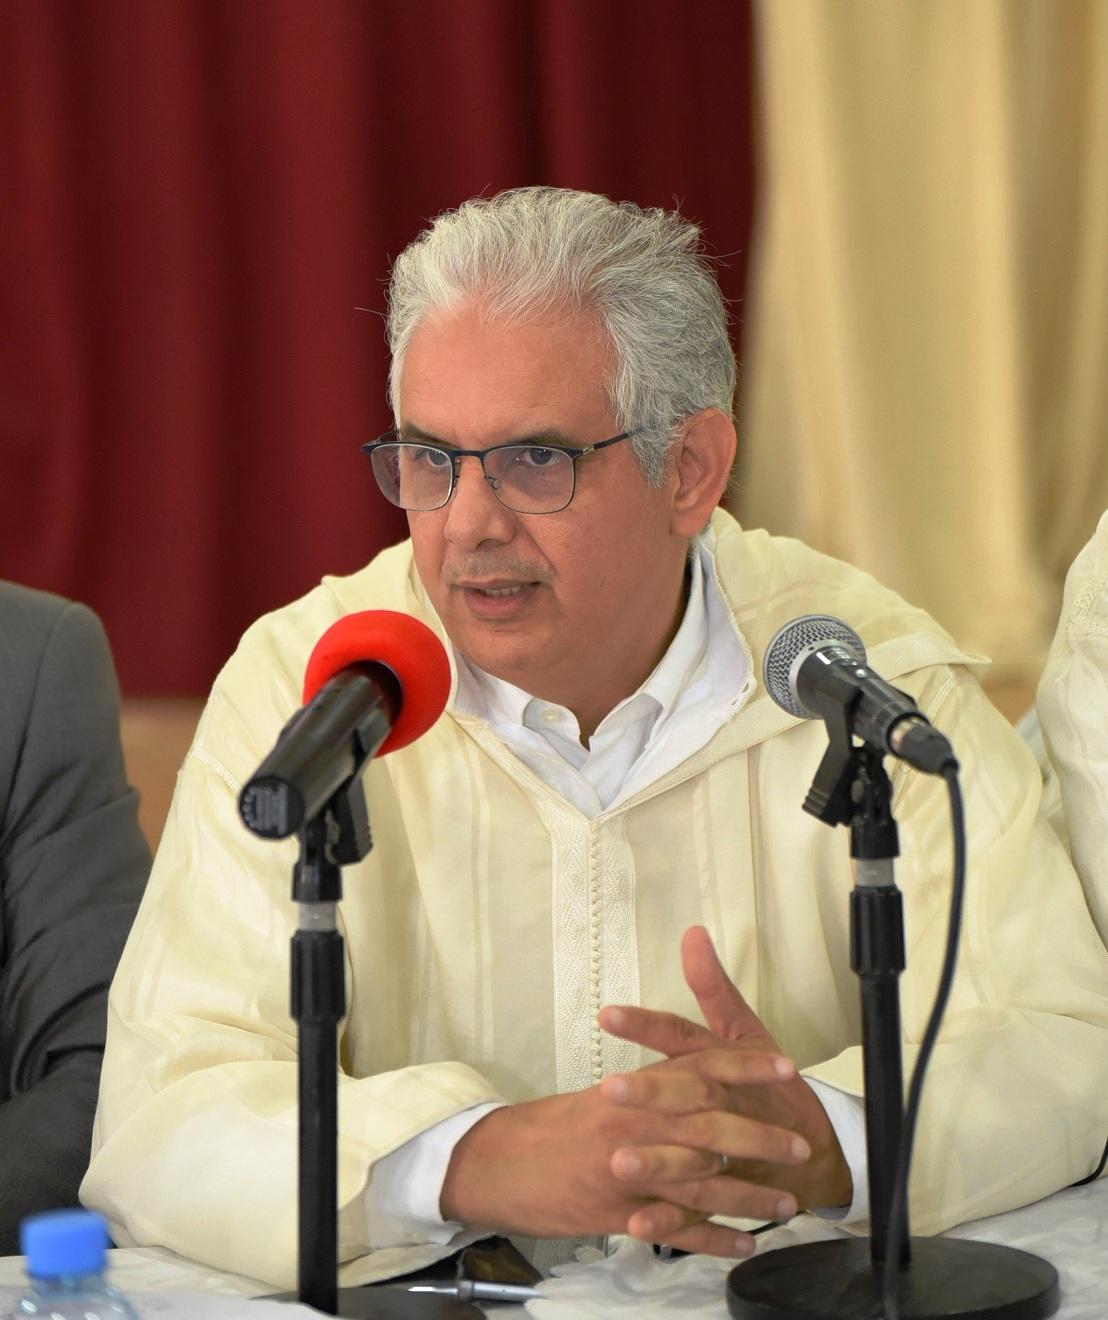 الأخ نزار بركة يترأس اجتماعا للفريق الاستقلالي للوحدة التعادلية بمجلسي النواب والمستشارين